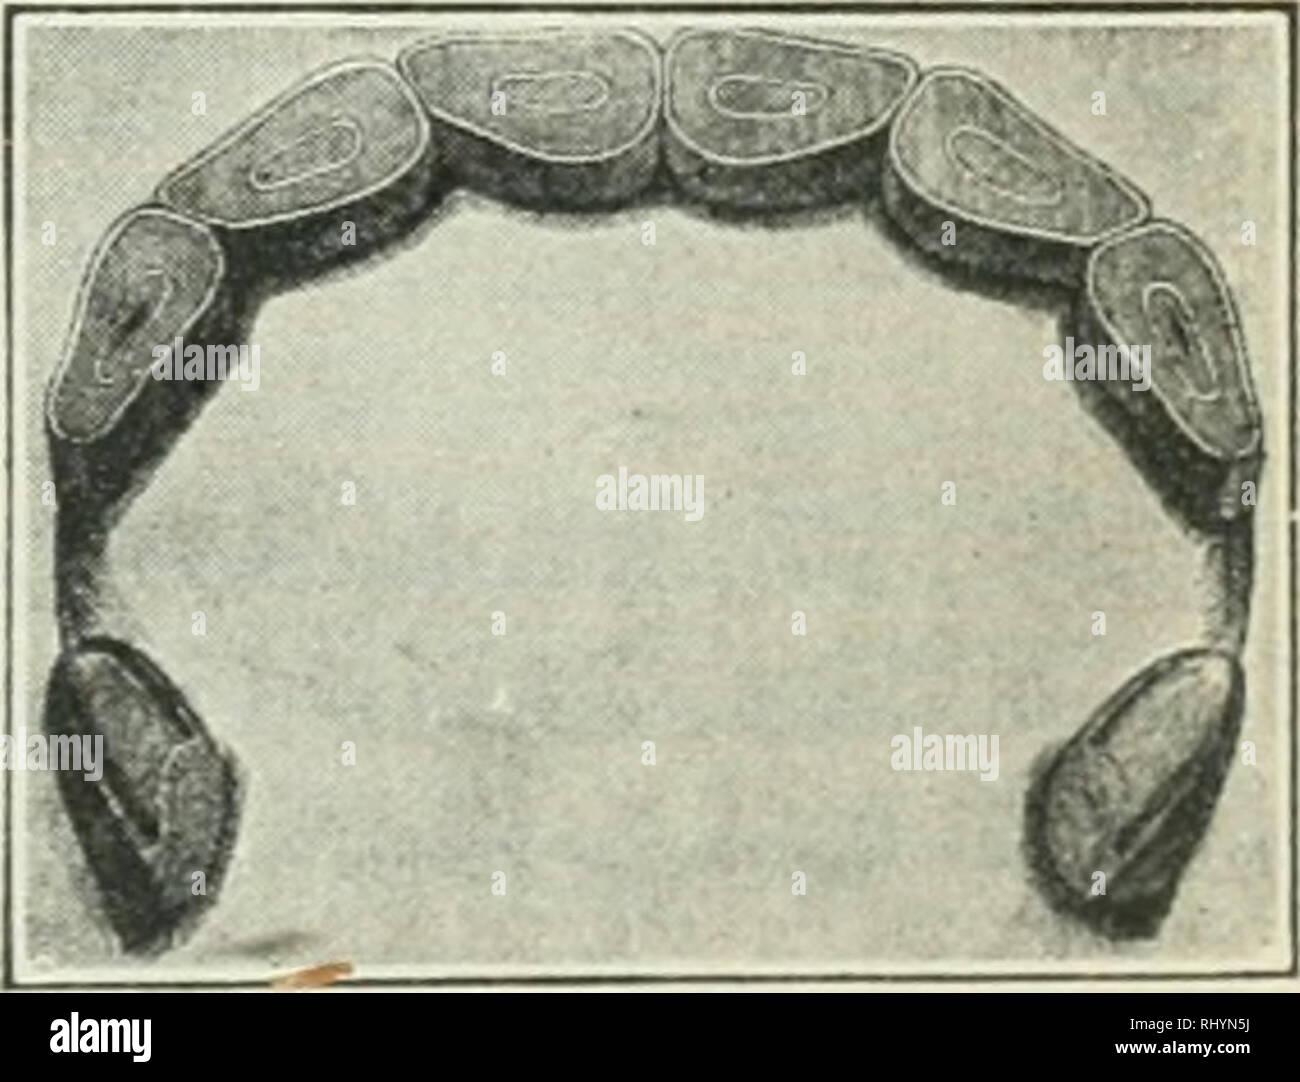 . Anfänge in der Tierhaltung. Vieh und Geflügel. Abb. SO. S Jahre alt.. Bitte beachten Sie, dass diese Bilder sind von der gescannten Seite Bilder, die digital für die Lesbarkeit verbessert haben mögen - Färbung und Aussehen dieser Abbildungen können nicht perfekt dem Original ähneln. extrahiert. Plumb, Charles Sumner, 1860-1939. St. Paul, Minn: Webb Pub. Co. Stockfoto